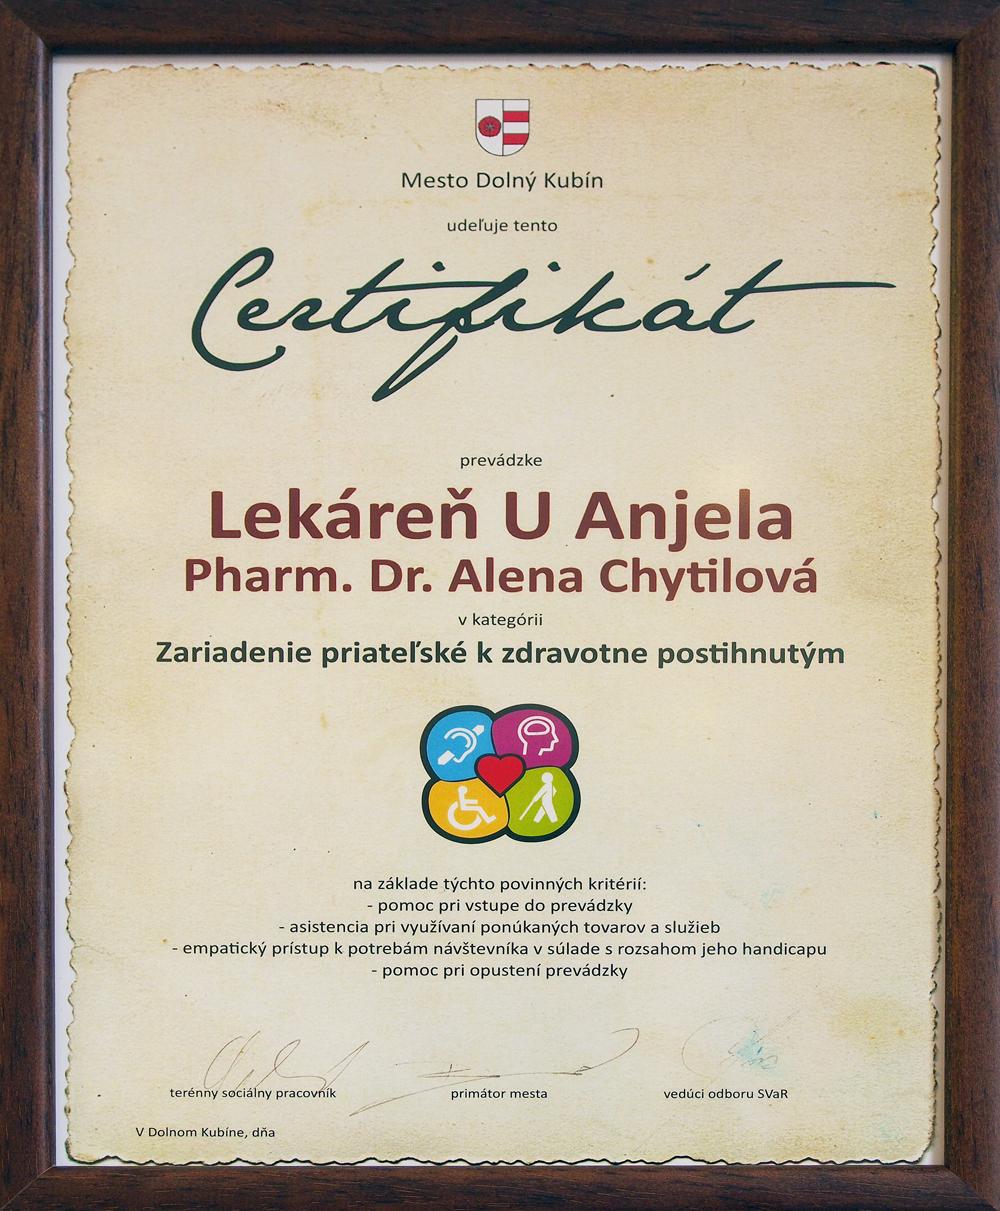 Certifikát zariadenie priateľské k zdravotne postihnutým